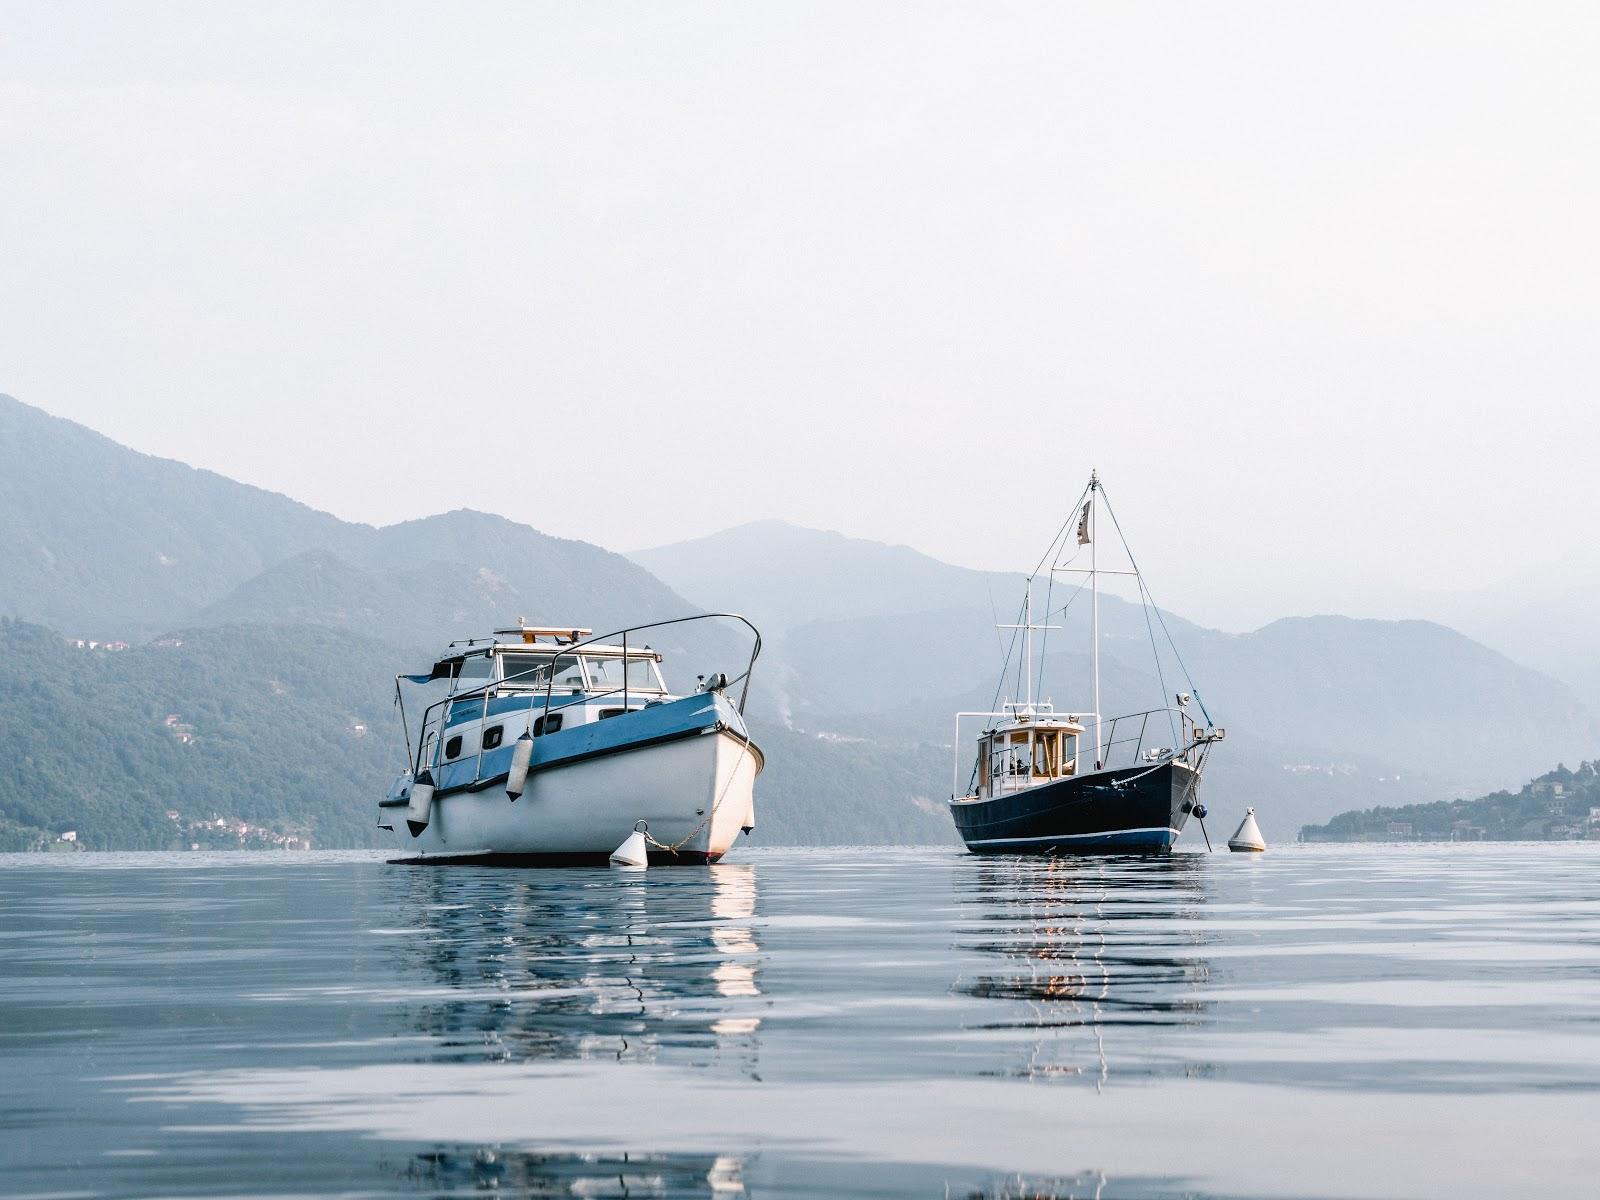 湾に浮かんだ二隻の漁船